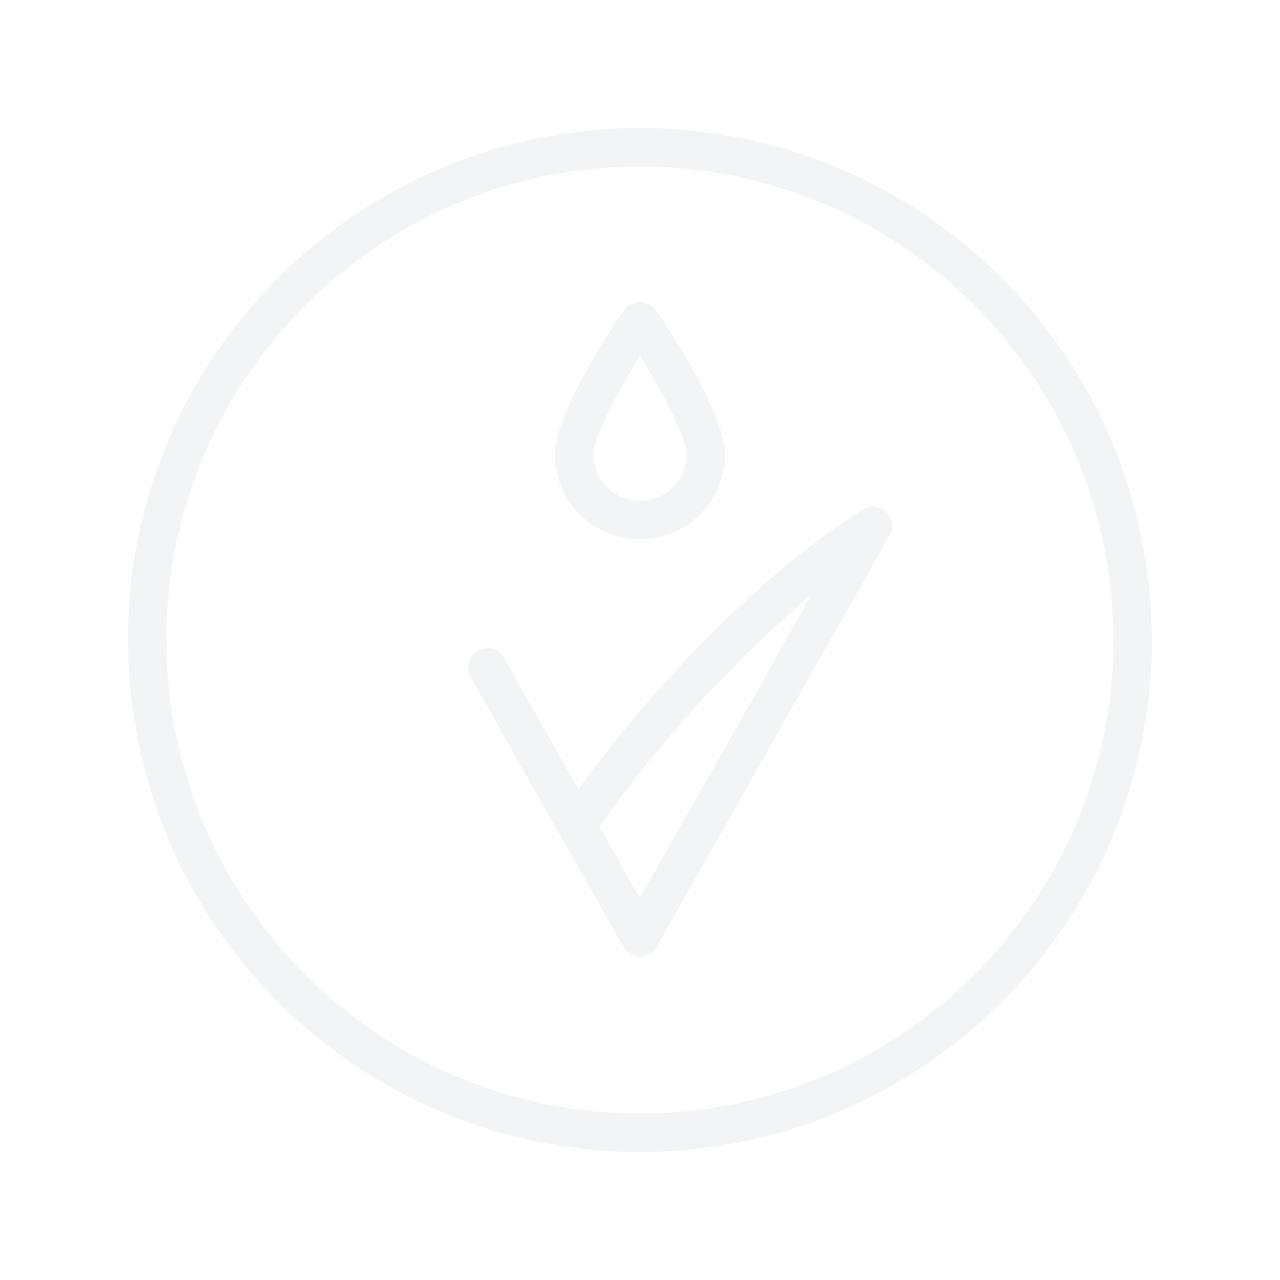 Chanel No 5 Eau Premiere Eau De Parfum